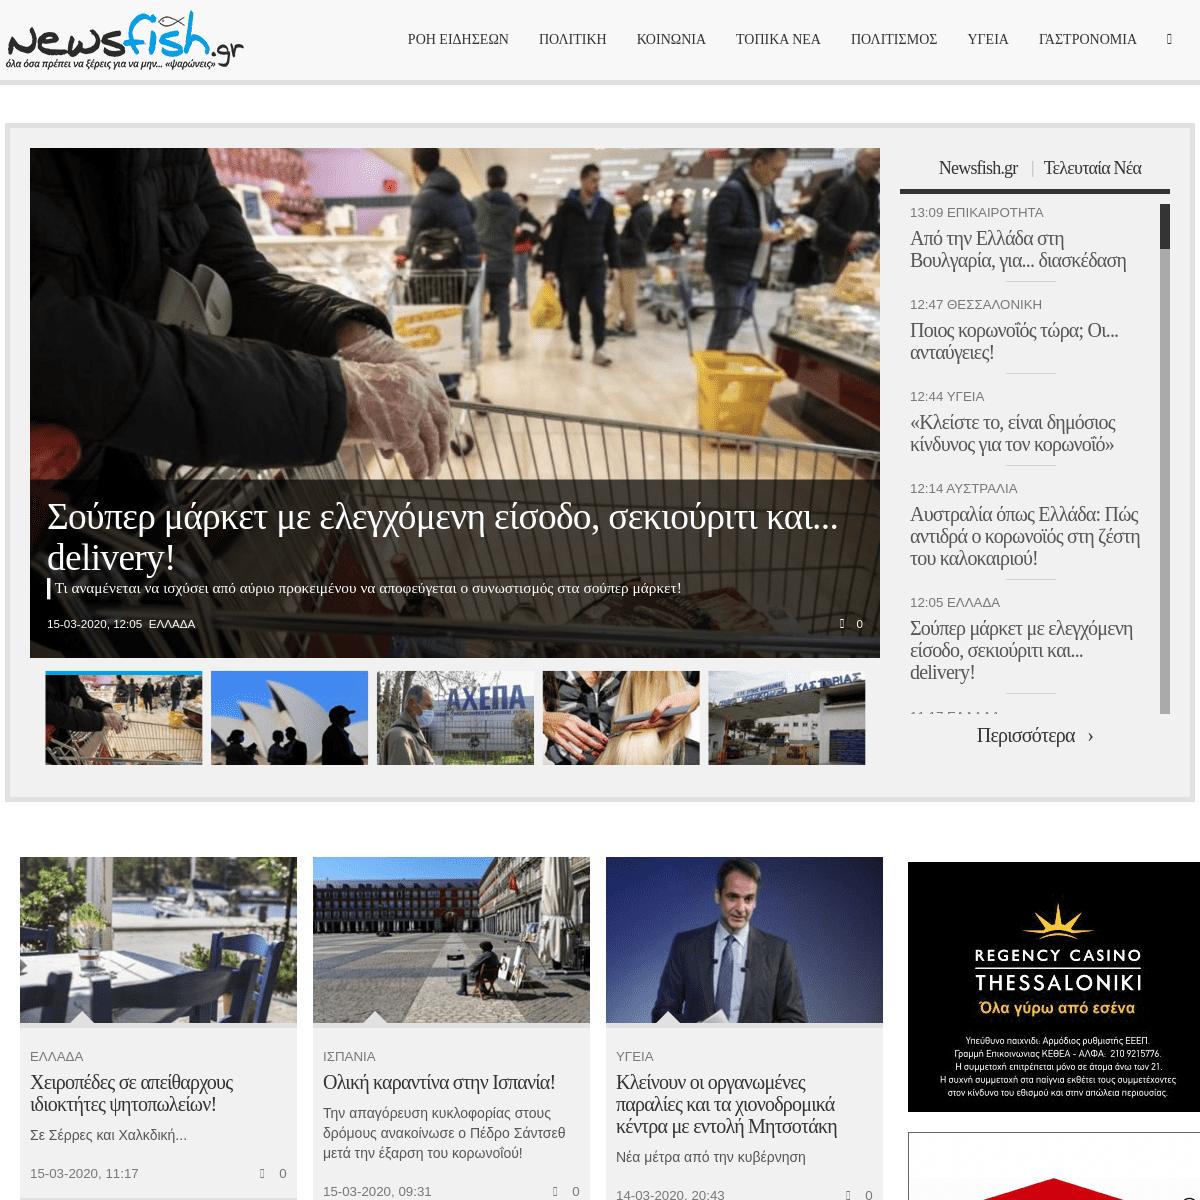 Νέα για να μην... ψαρώνεις - Newsfish.gr